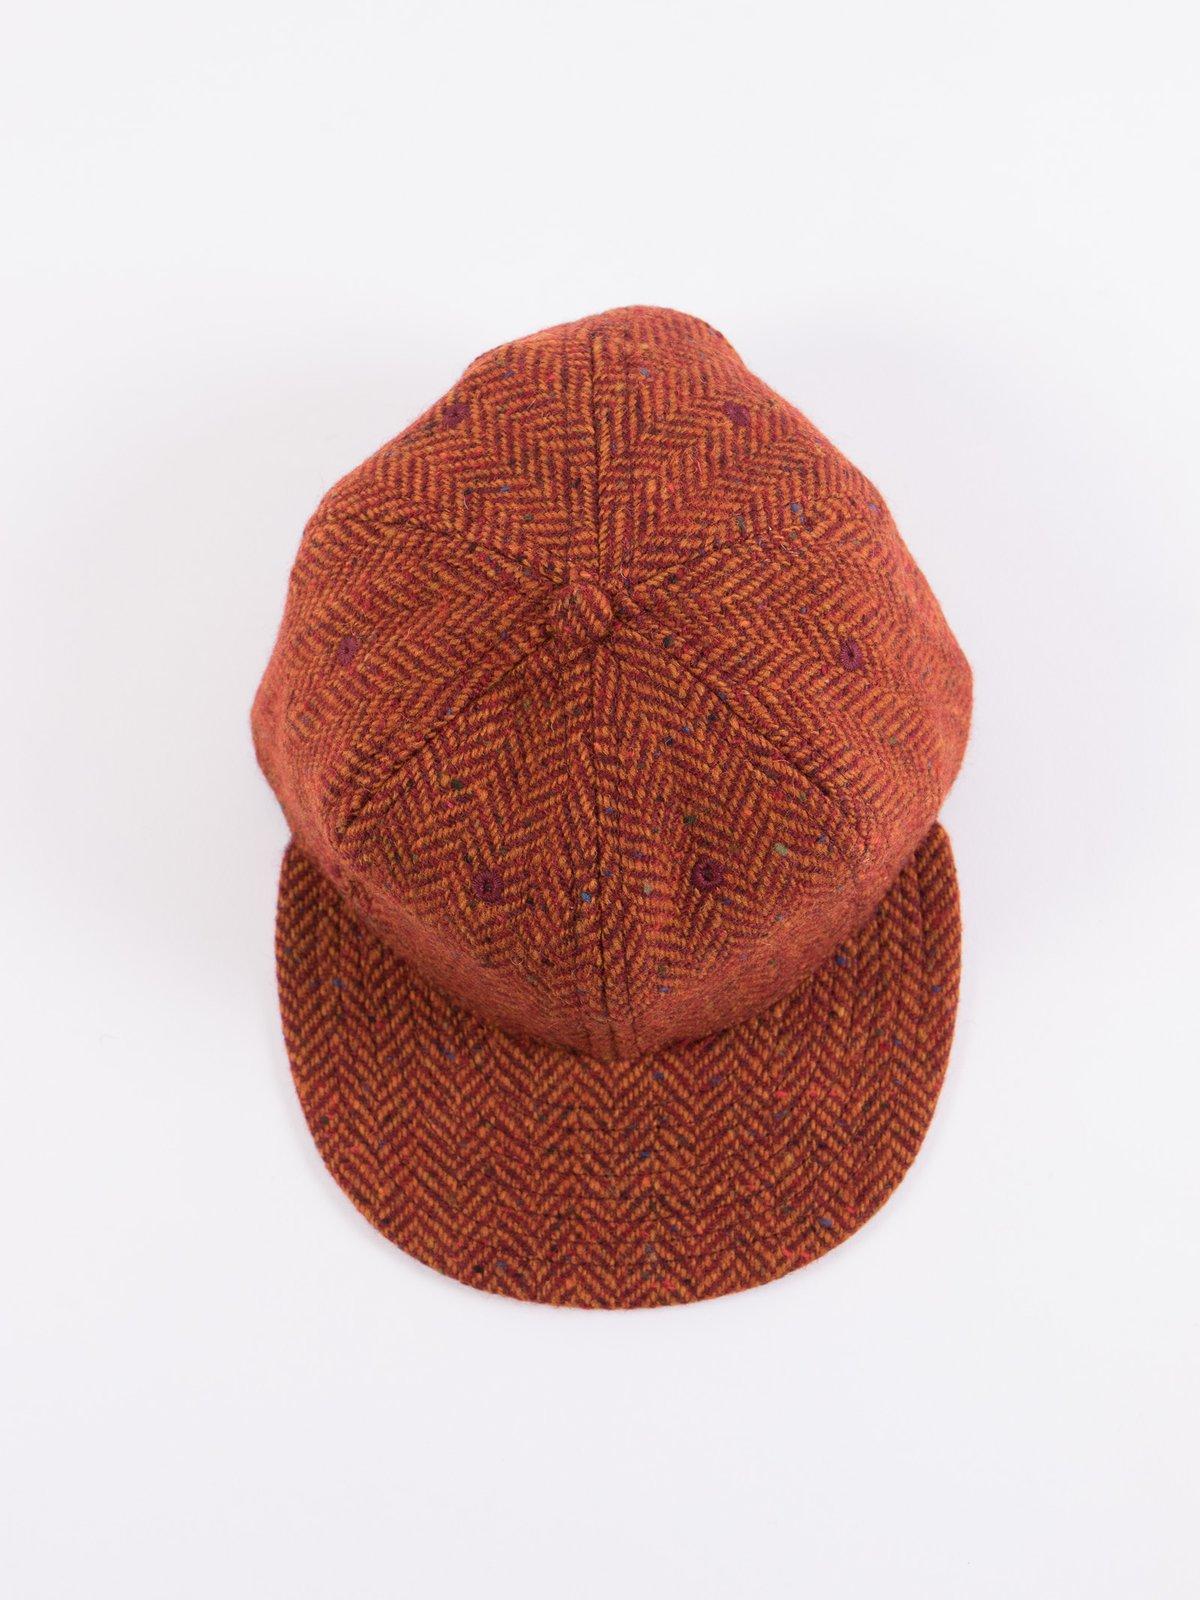 Rust HB Tweed NIer 6 Panel Ballcap - Image 5